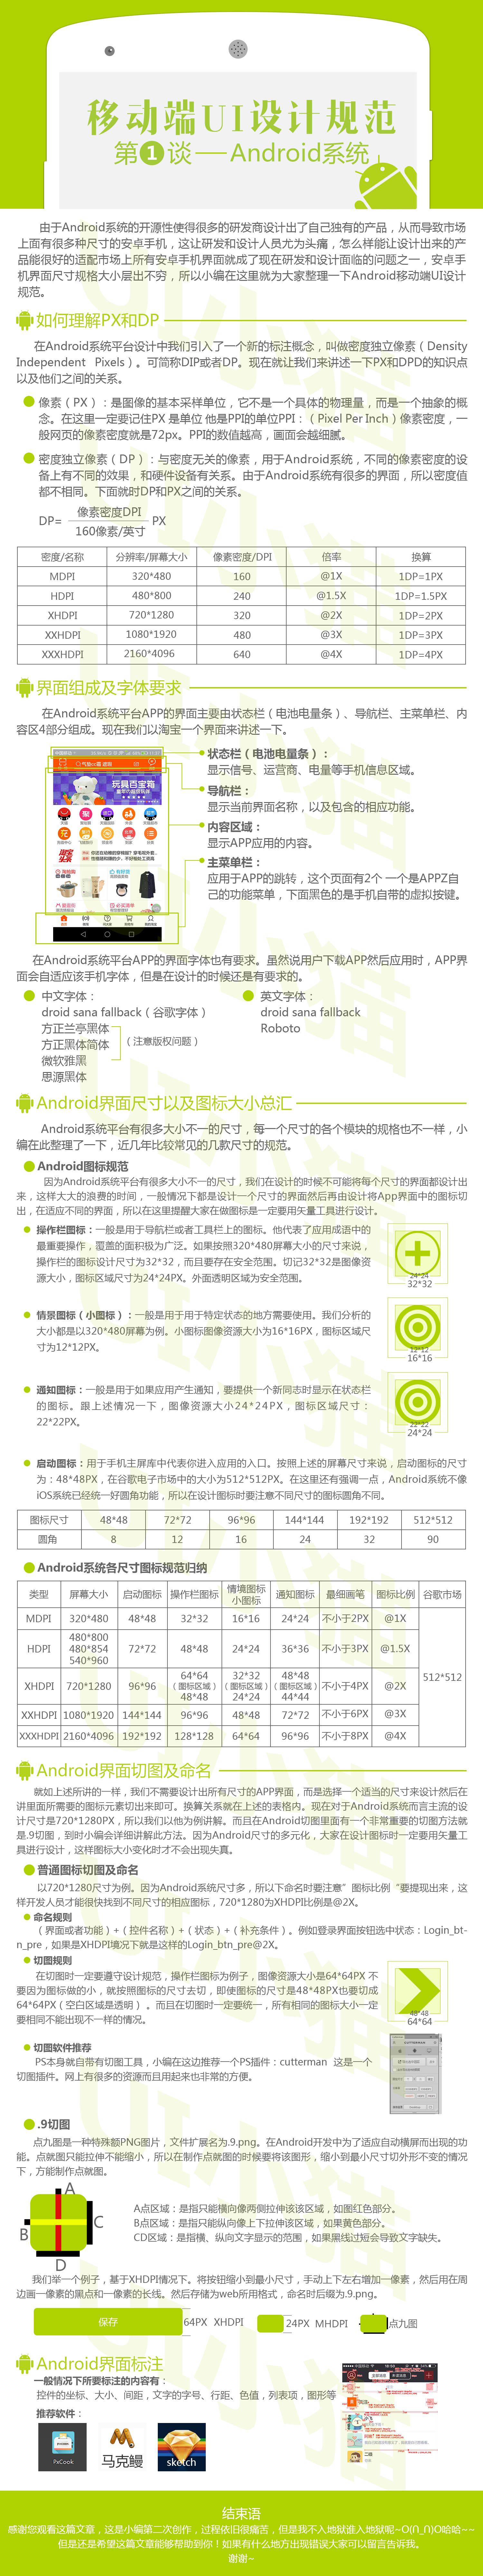 http://assets.kgc.cn/upload/image/20170116/1484538488261195.png